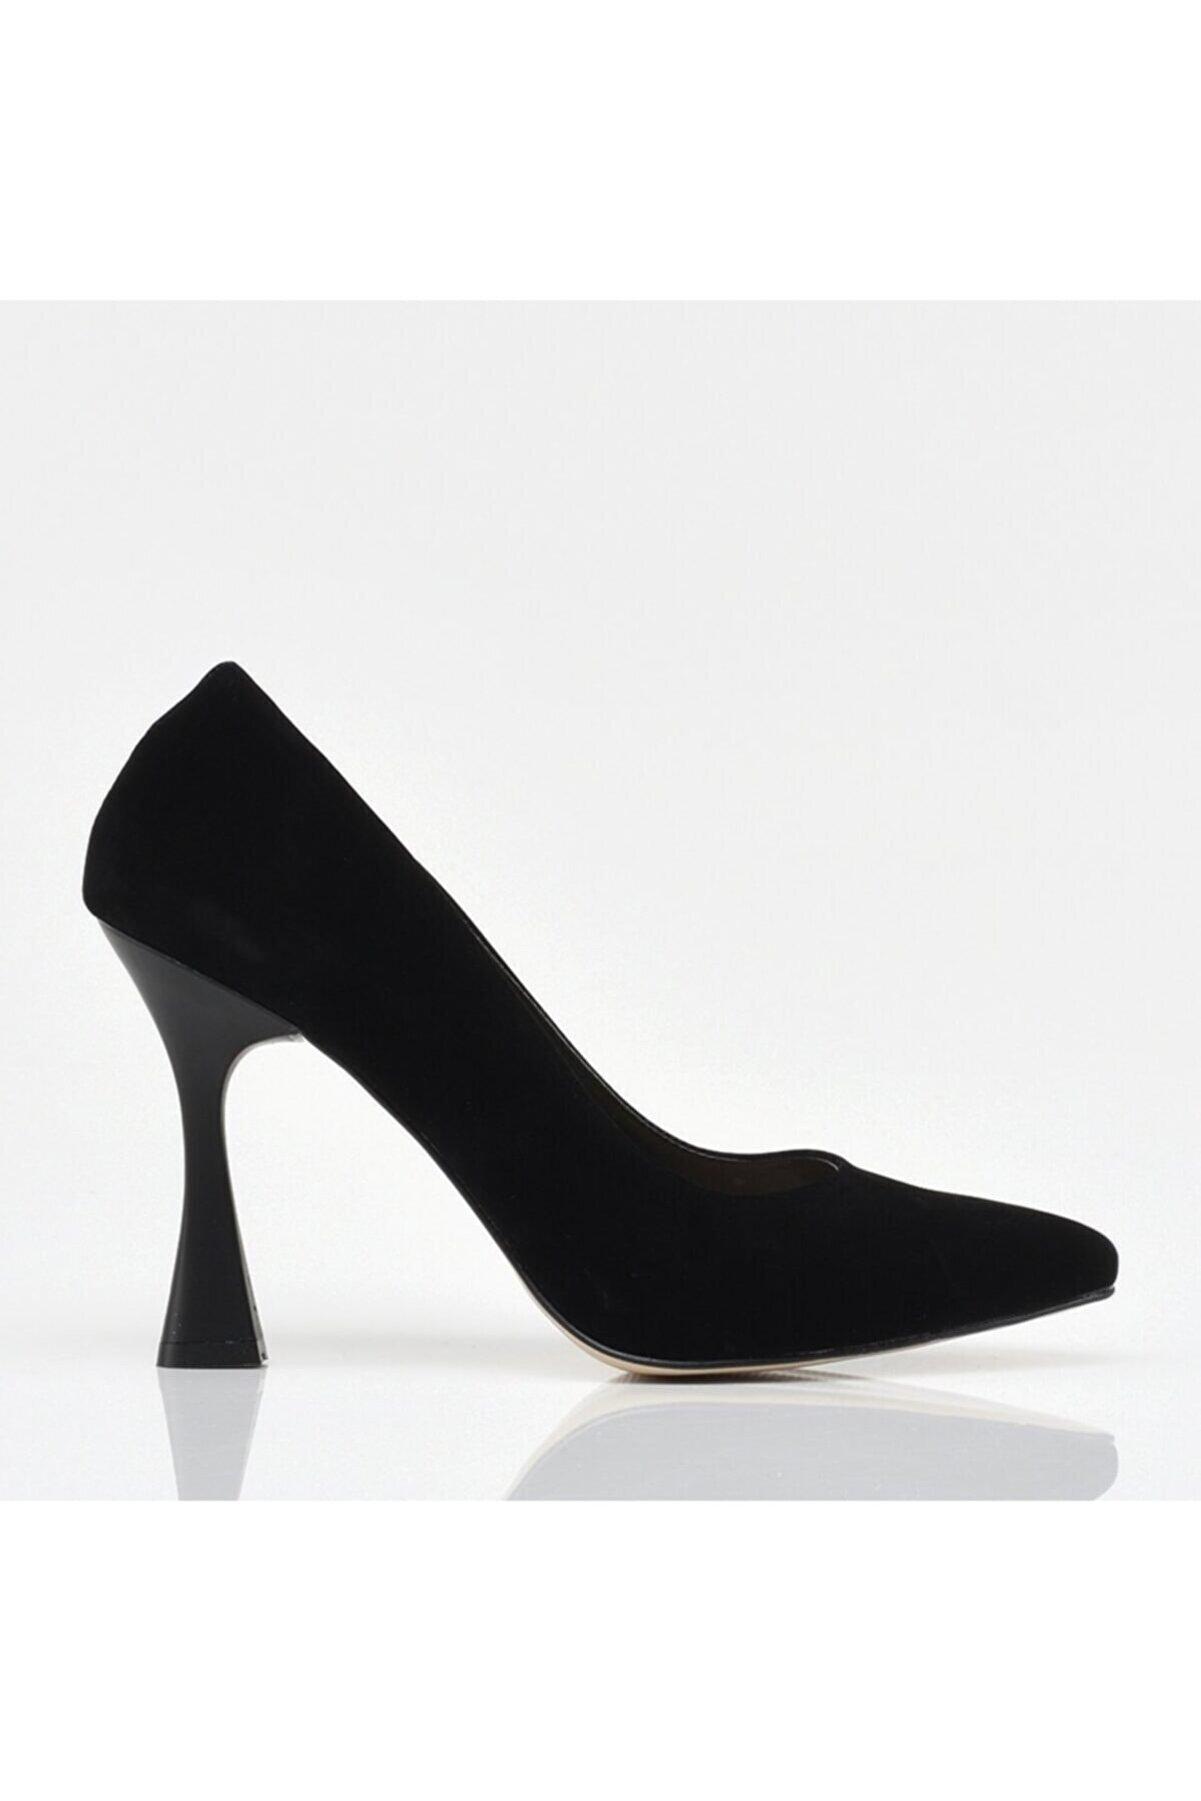 Hotiç Siyah Yaya Kadın Topuklu Ayakkabı